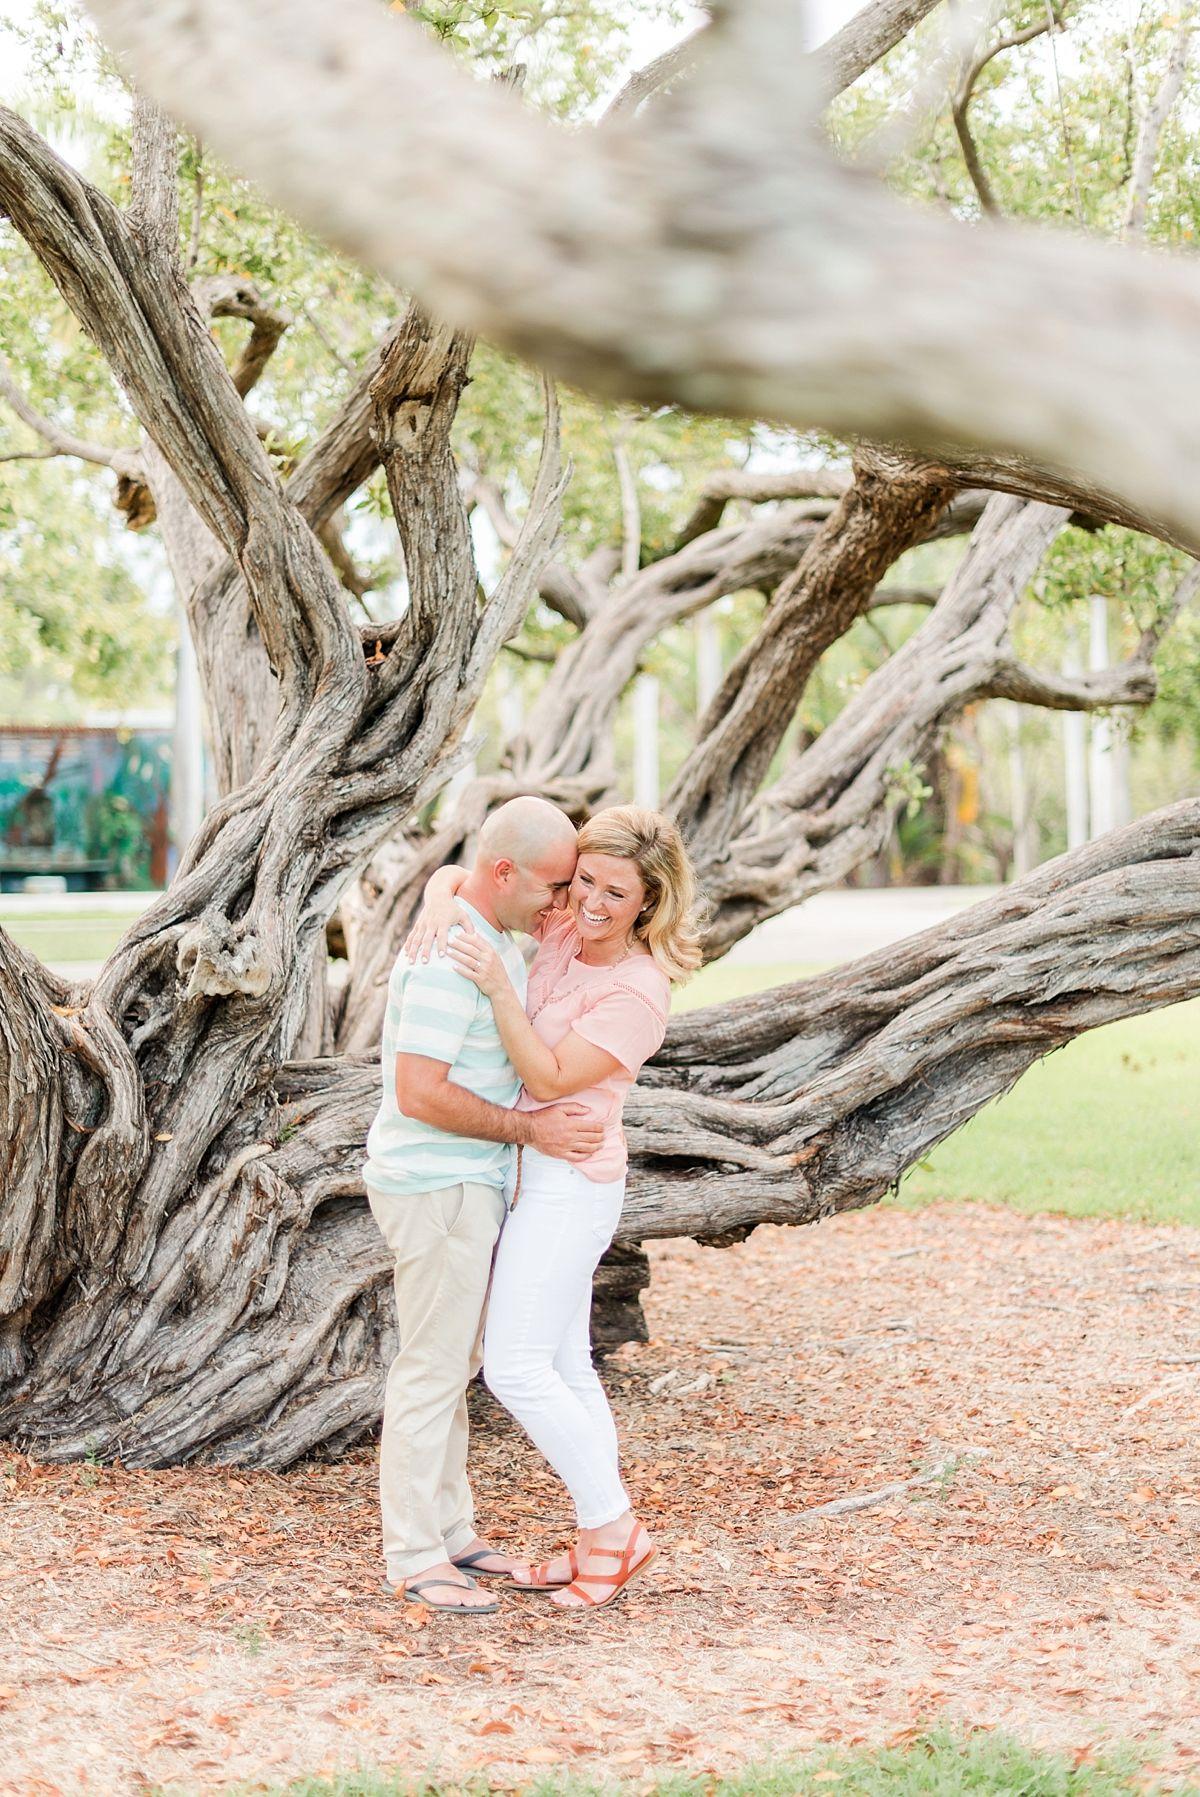 Crandon Park Engagement Photos